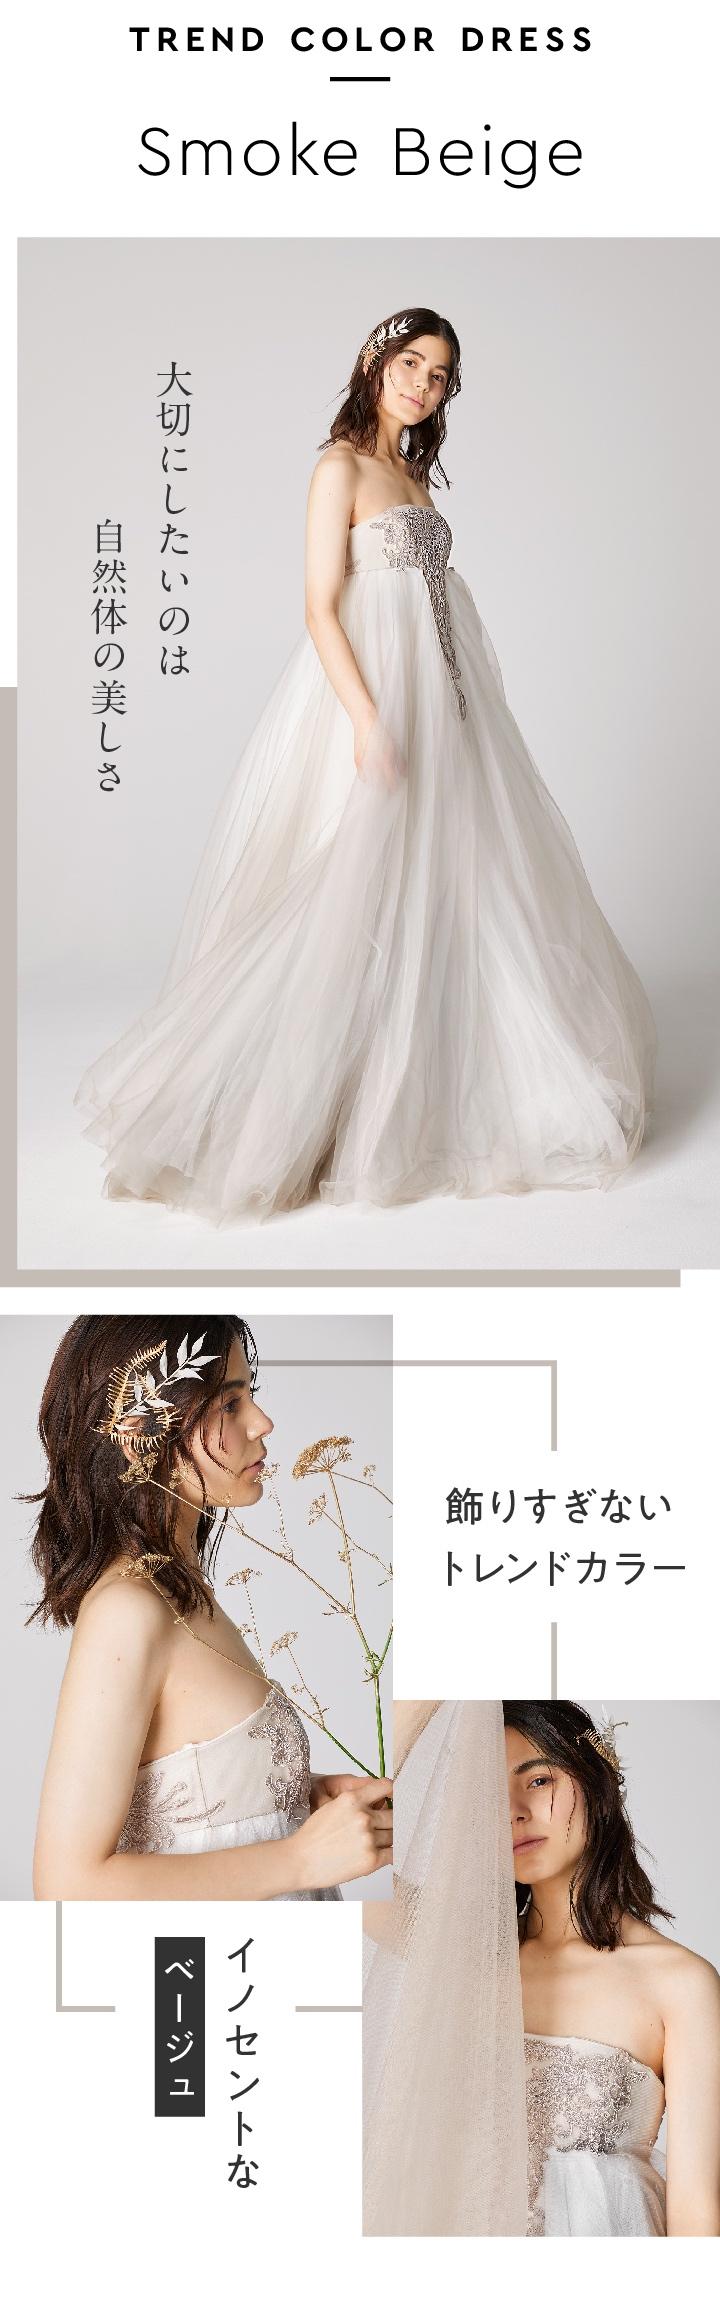 イノセントな「スモークベージュ」ドレス